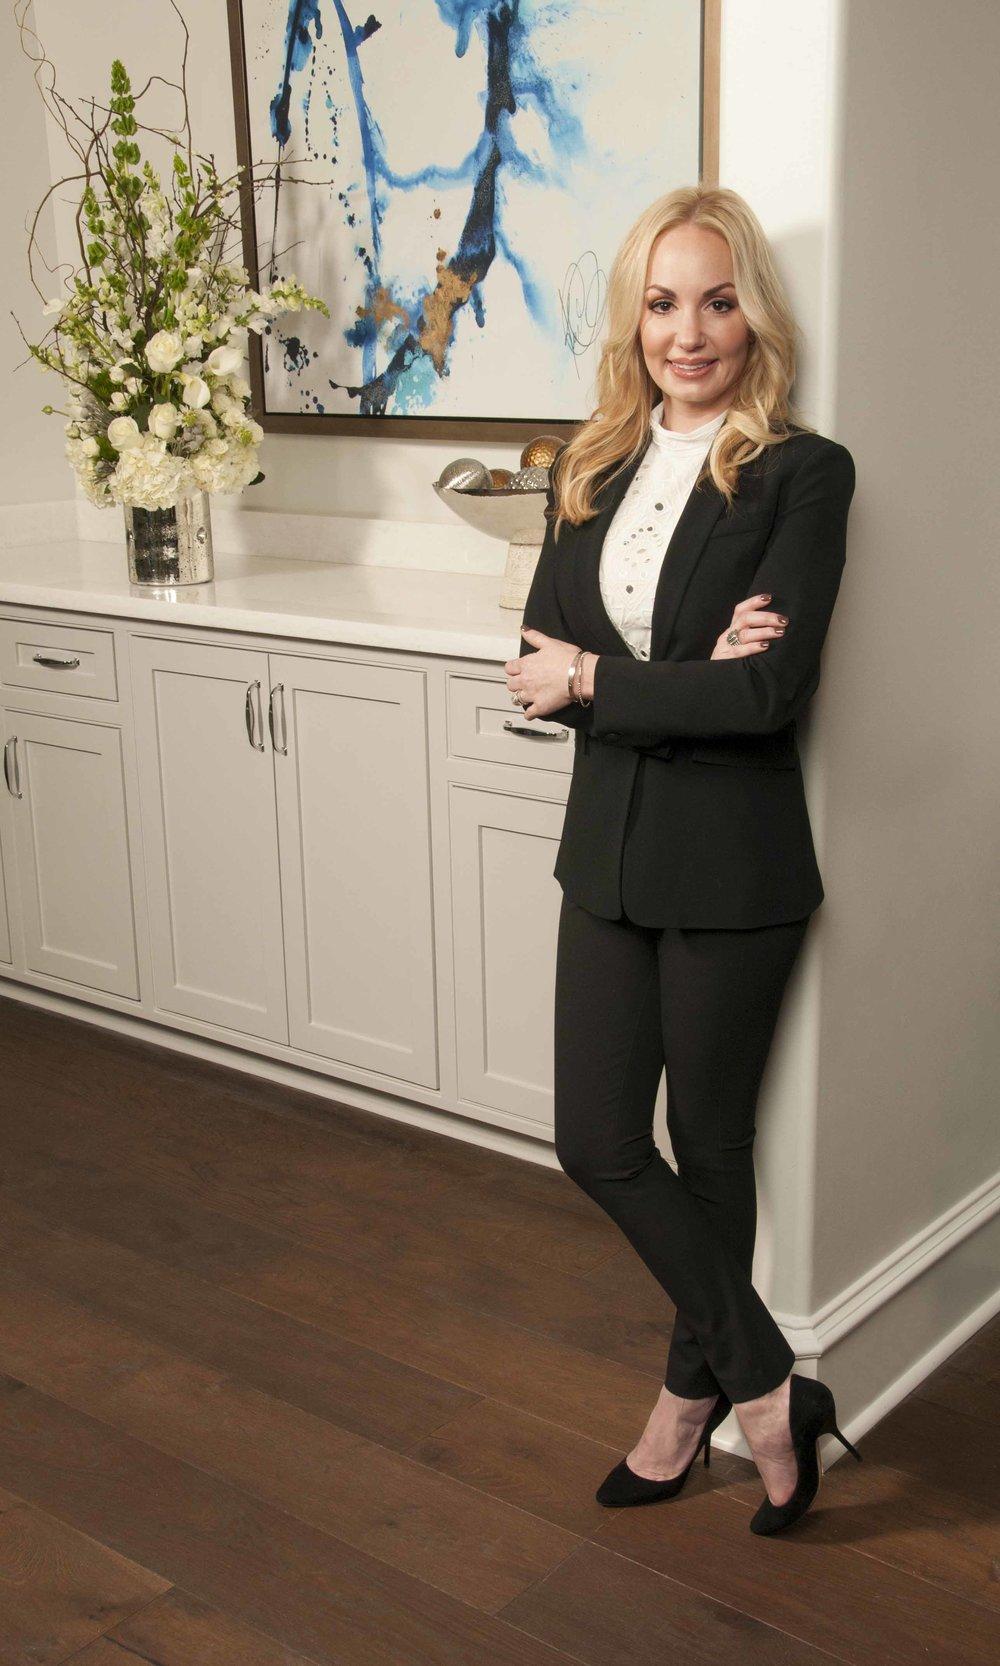 Tiffany montgomery - Creative Director & Principle